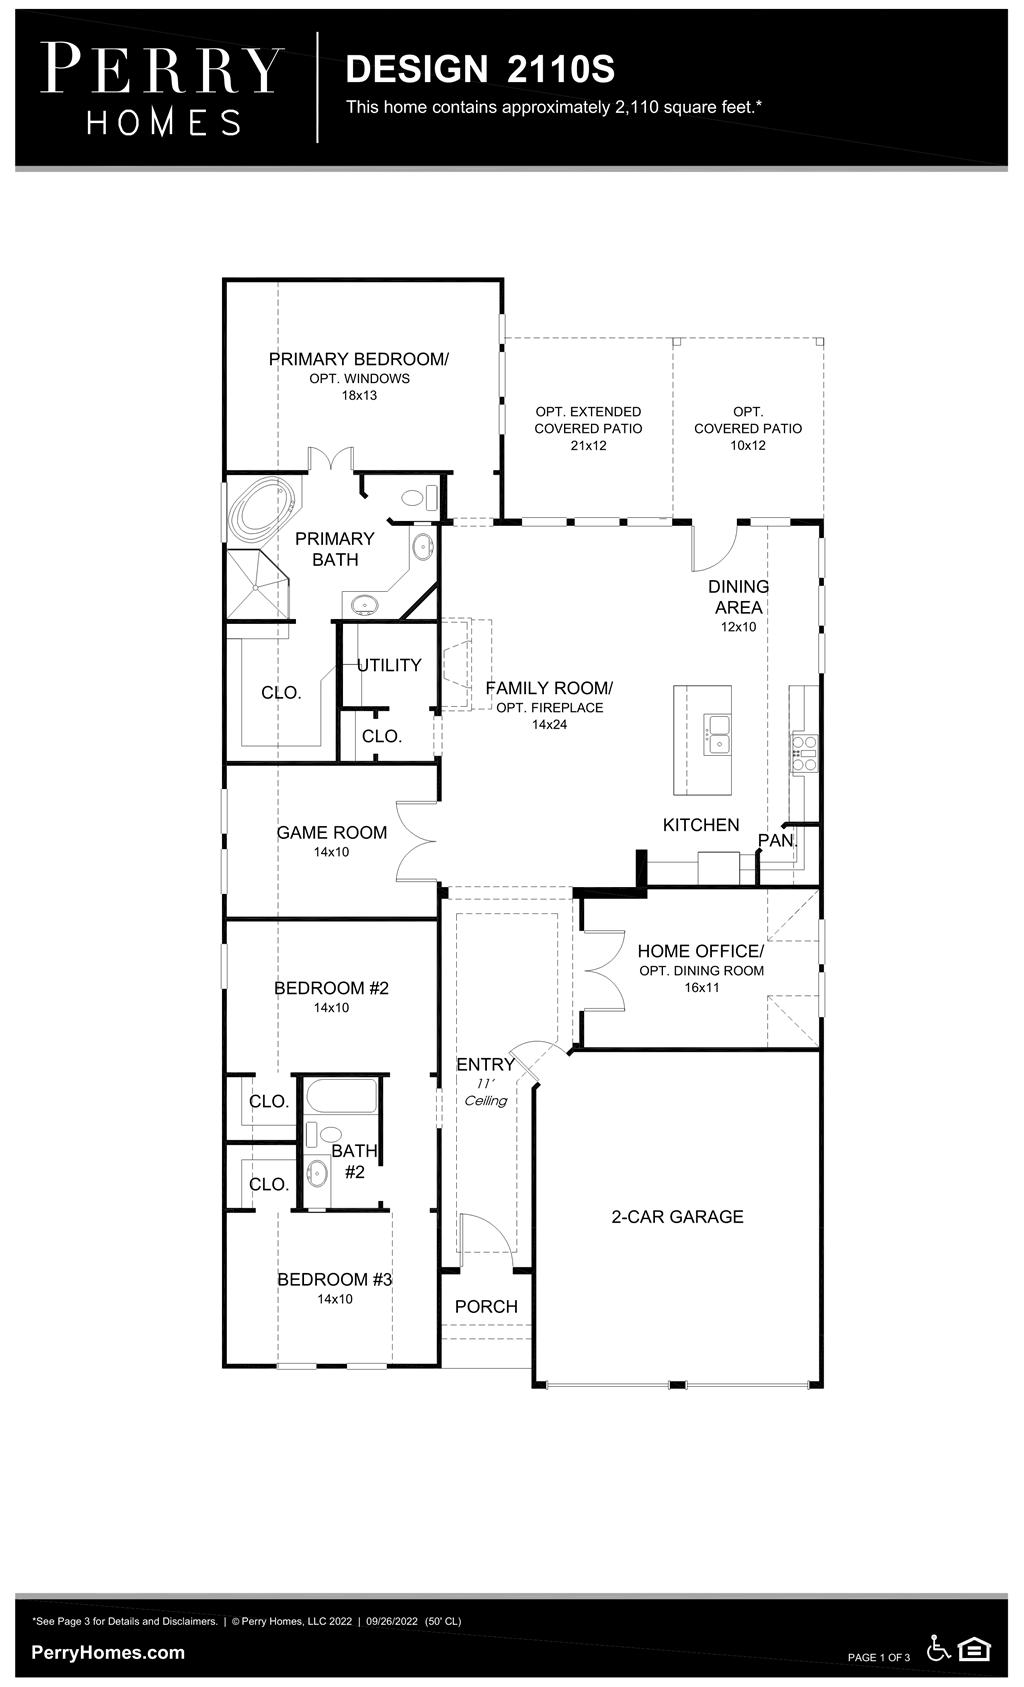 Floor Plan for 2110S